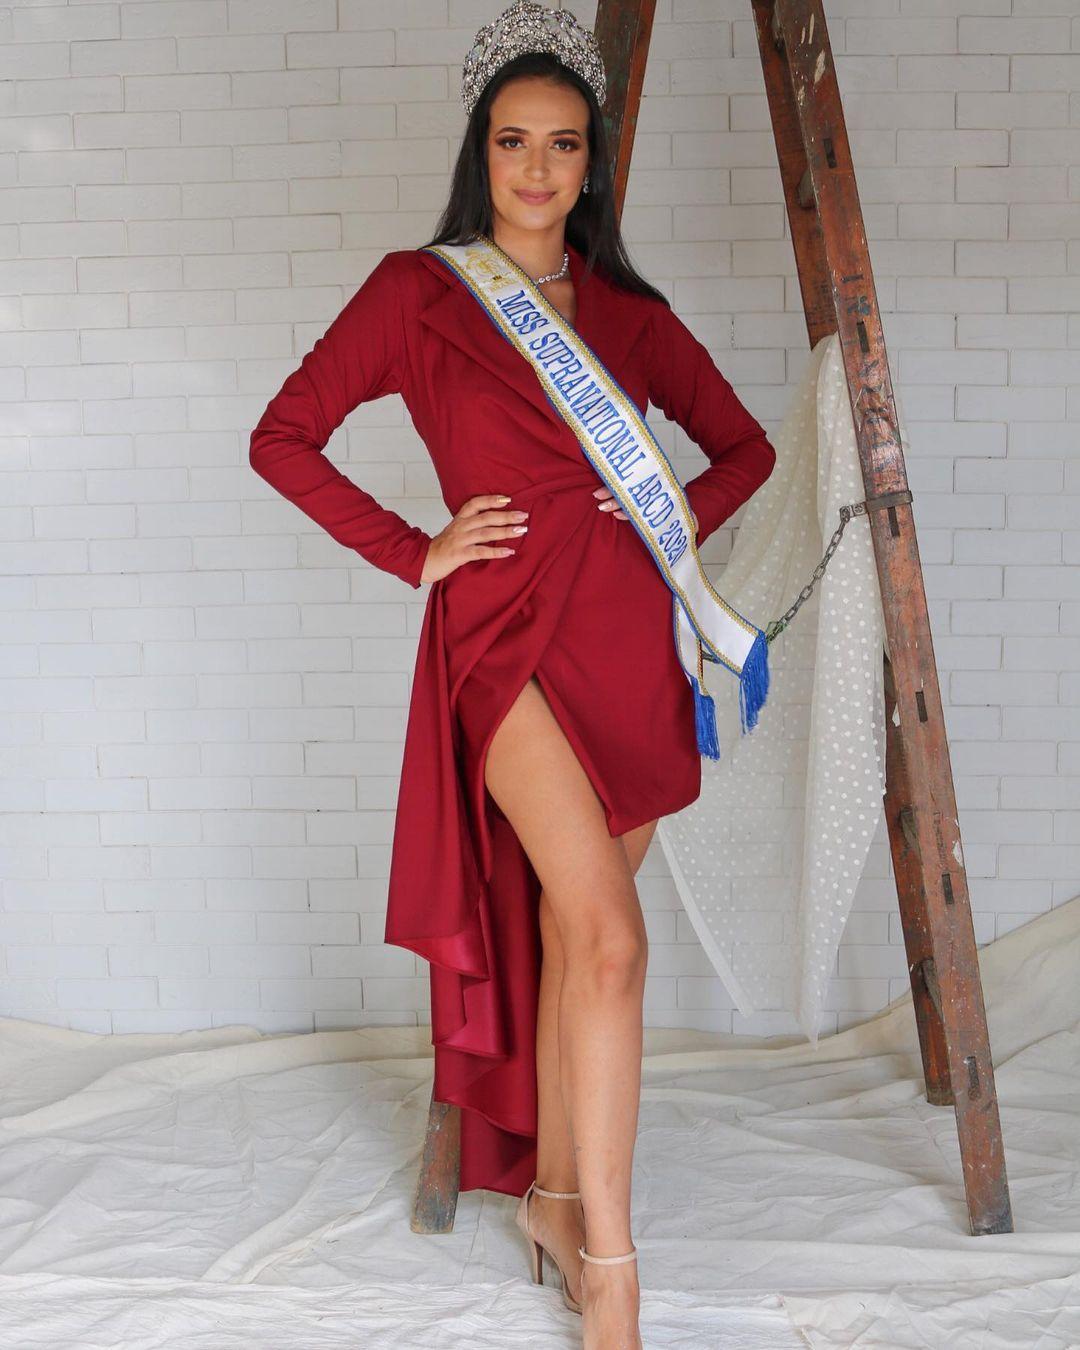 flavia polido, miss supranational abcd 2020/miss brasil intercontinental 2018-2019. - Página 7 Flavia33